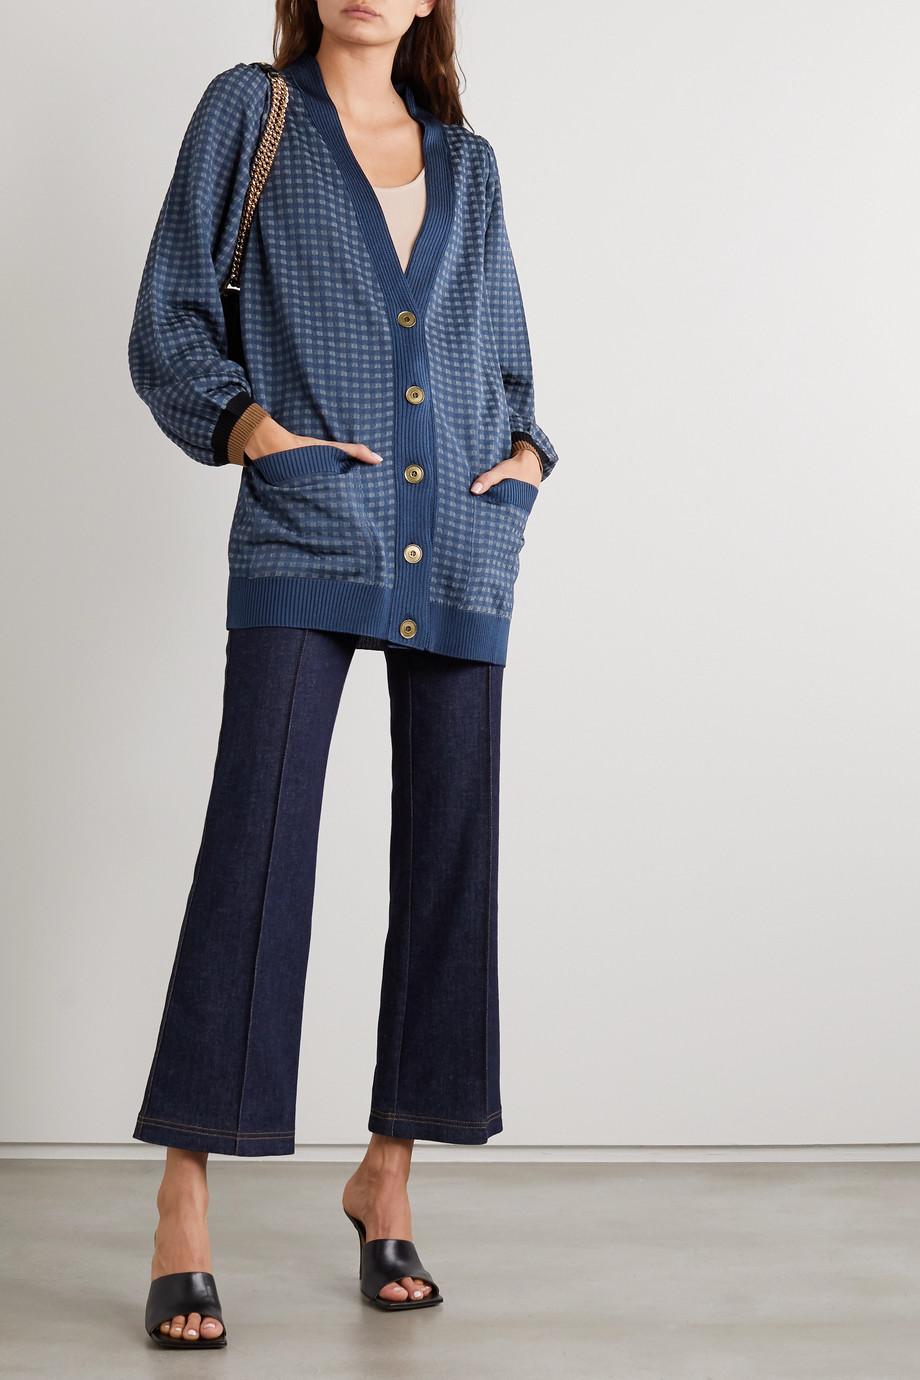 Fendi Cardigan aus kariertem Jacquard-Strick aus einer Seidenmischung